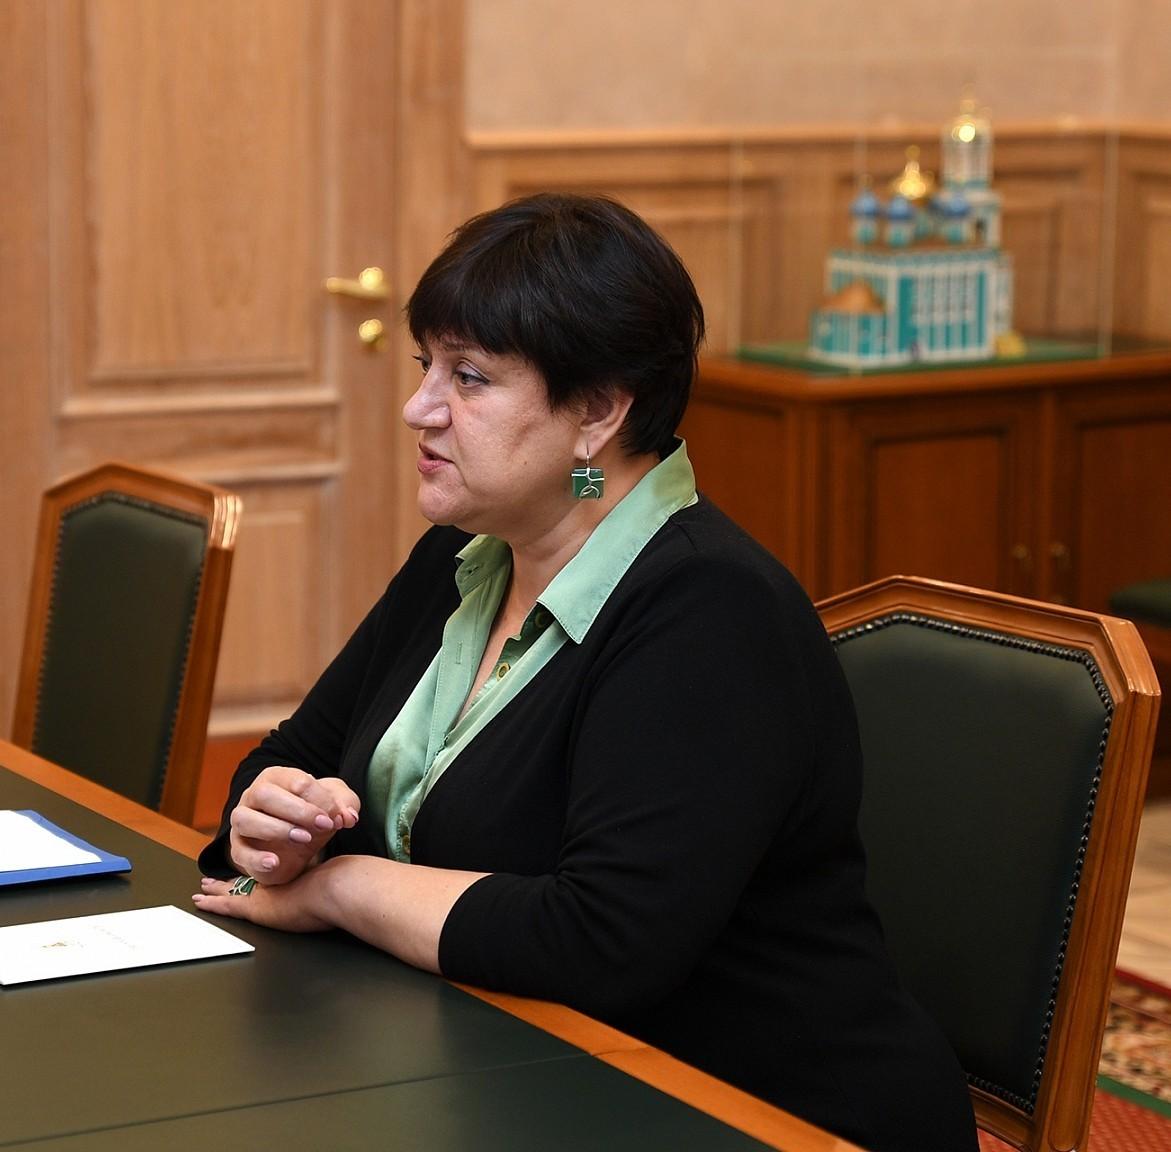 Наталья Виноградова: Общественный транспорт должен быть удобным и безопасным